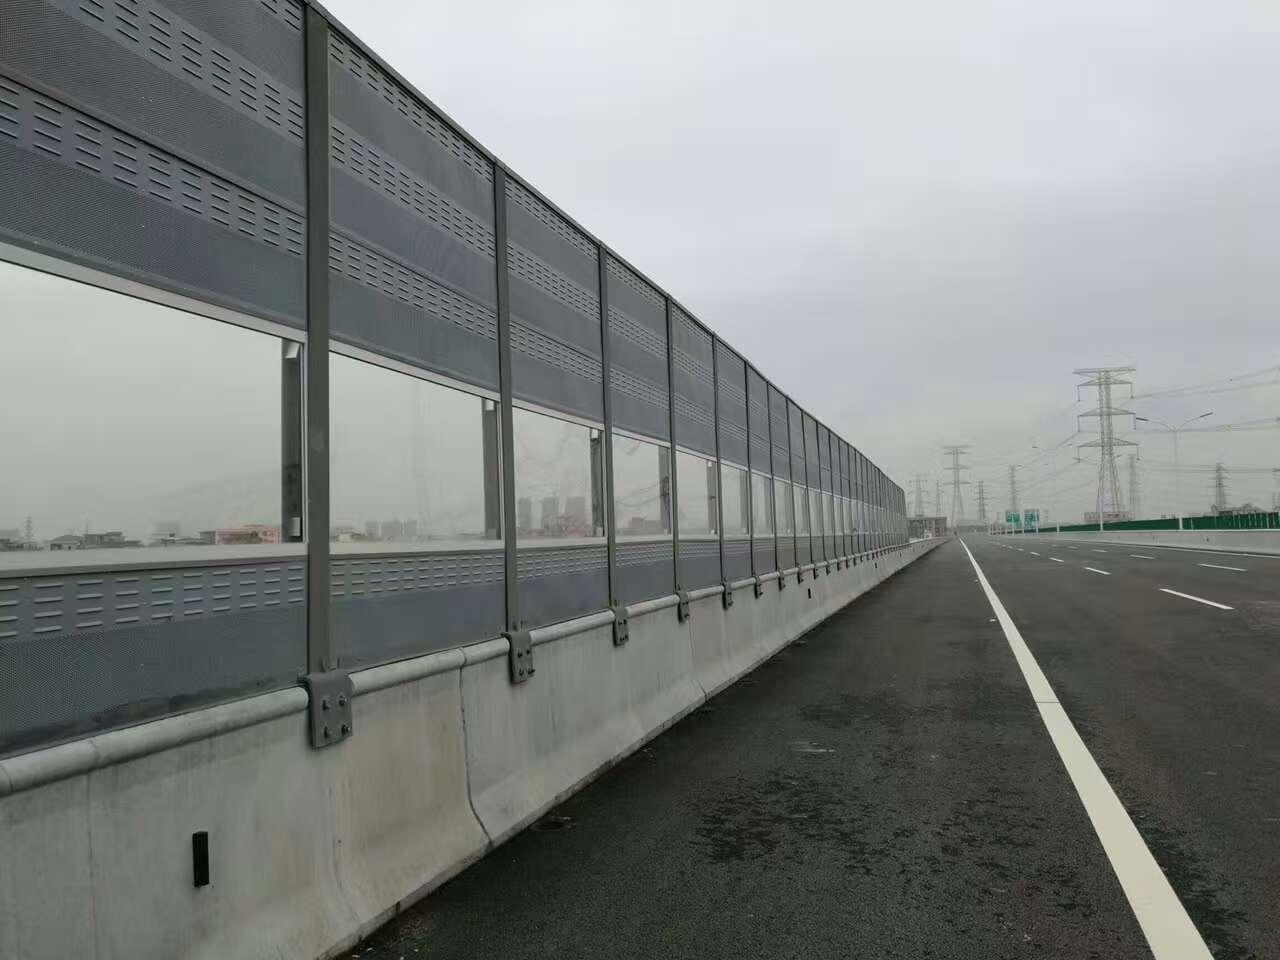 沧州青县高速公路声屏障公司如何联系